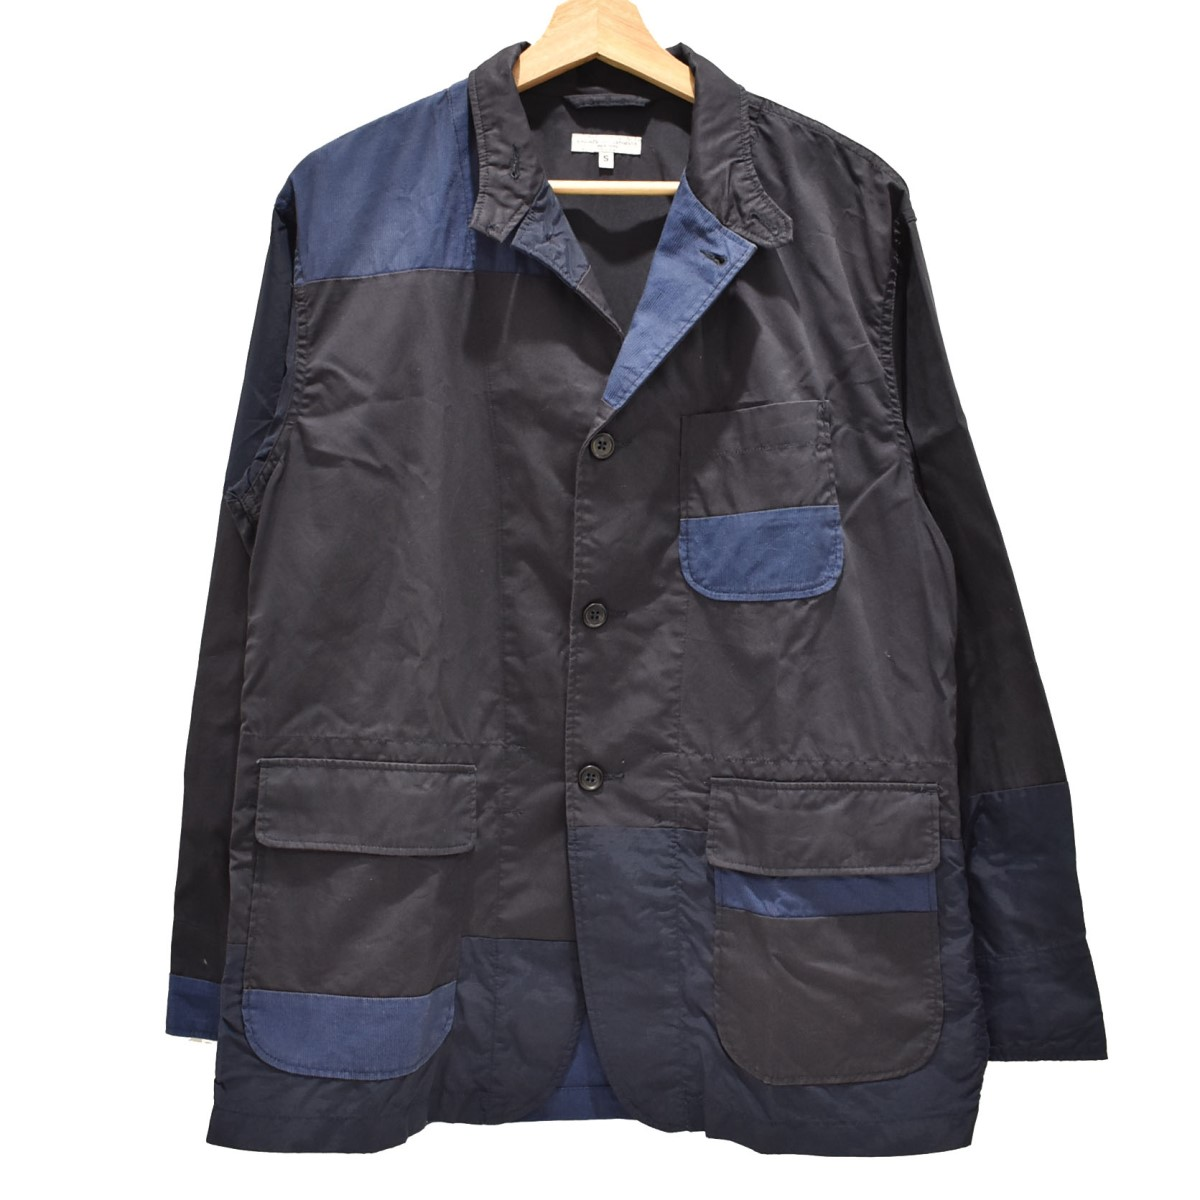 【中古】Engineered Garments 19SS Loiter Jacket-High Count Twill ロイタージャケット ネイビー サイズ:S 【040720】(エンジニアードガーメンツ)